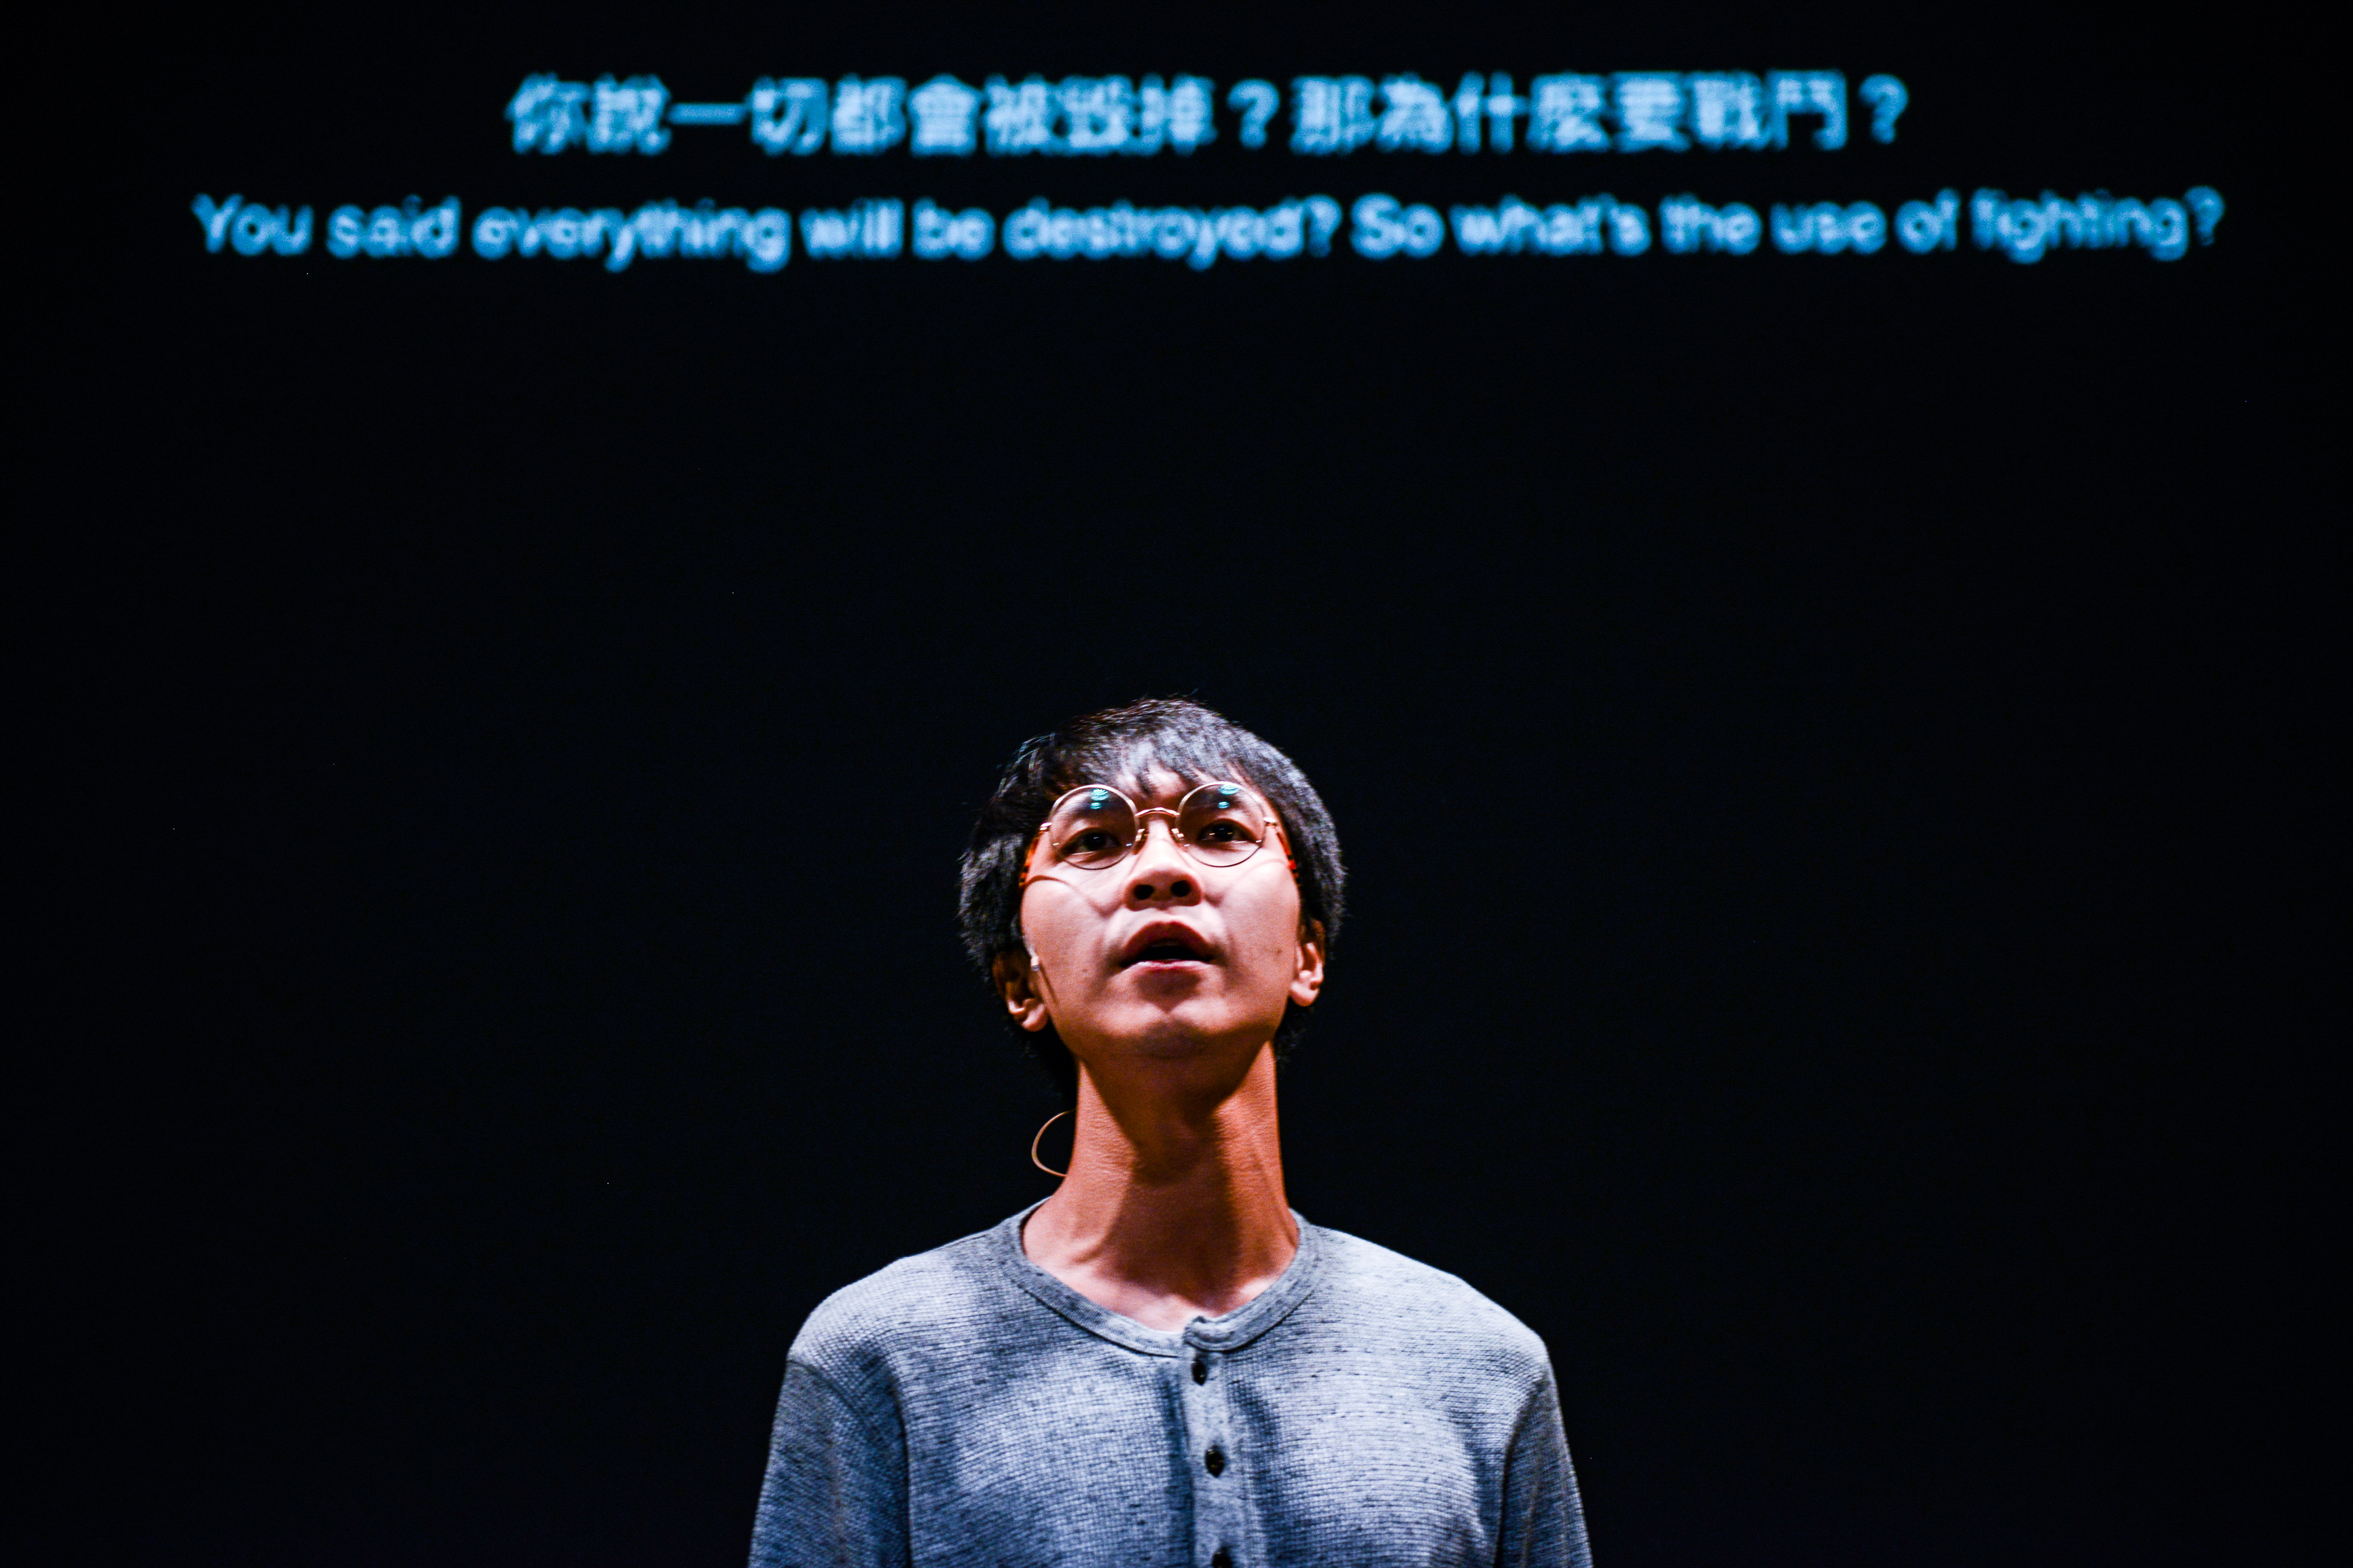 你說一切都會被毀掉?那為什麼要戰鬥?/人物:吳景隆/類別:演出、《山下的證詞》/攝影:Fung Wai Sun/(天台製作 • 香港專業劇團)